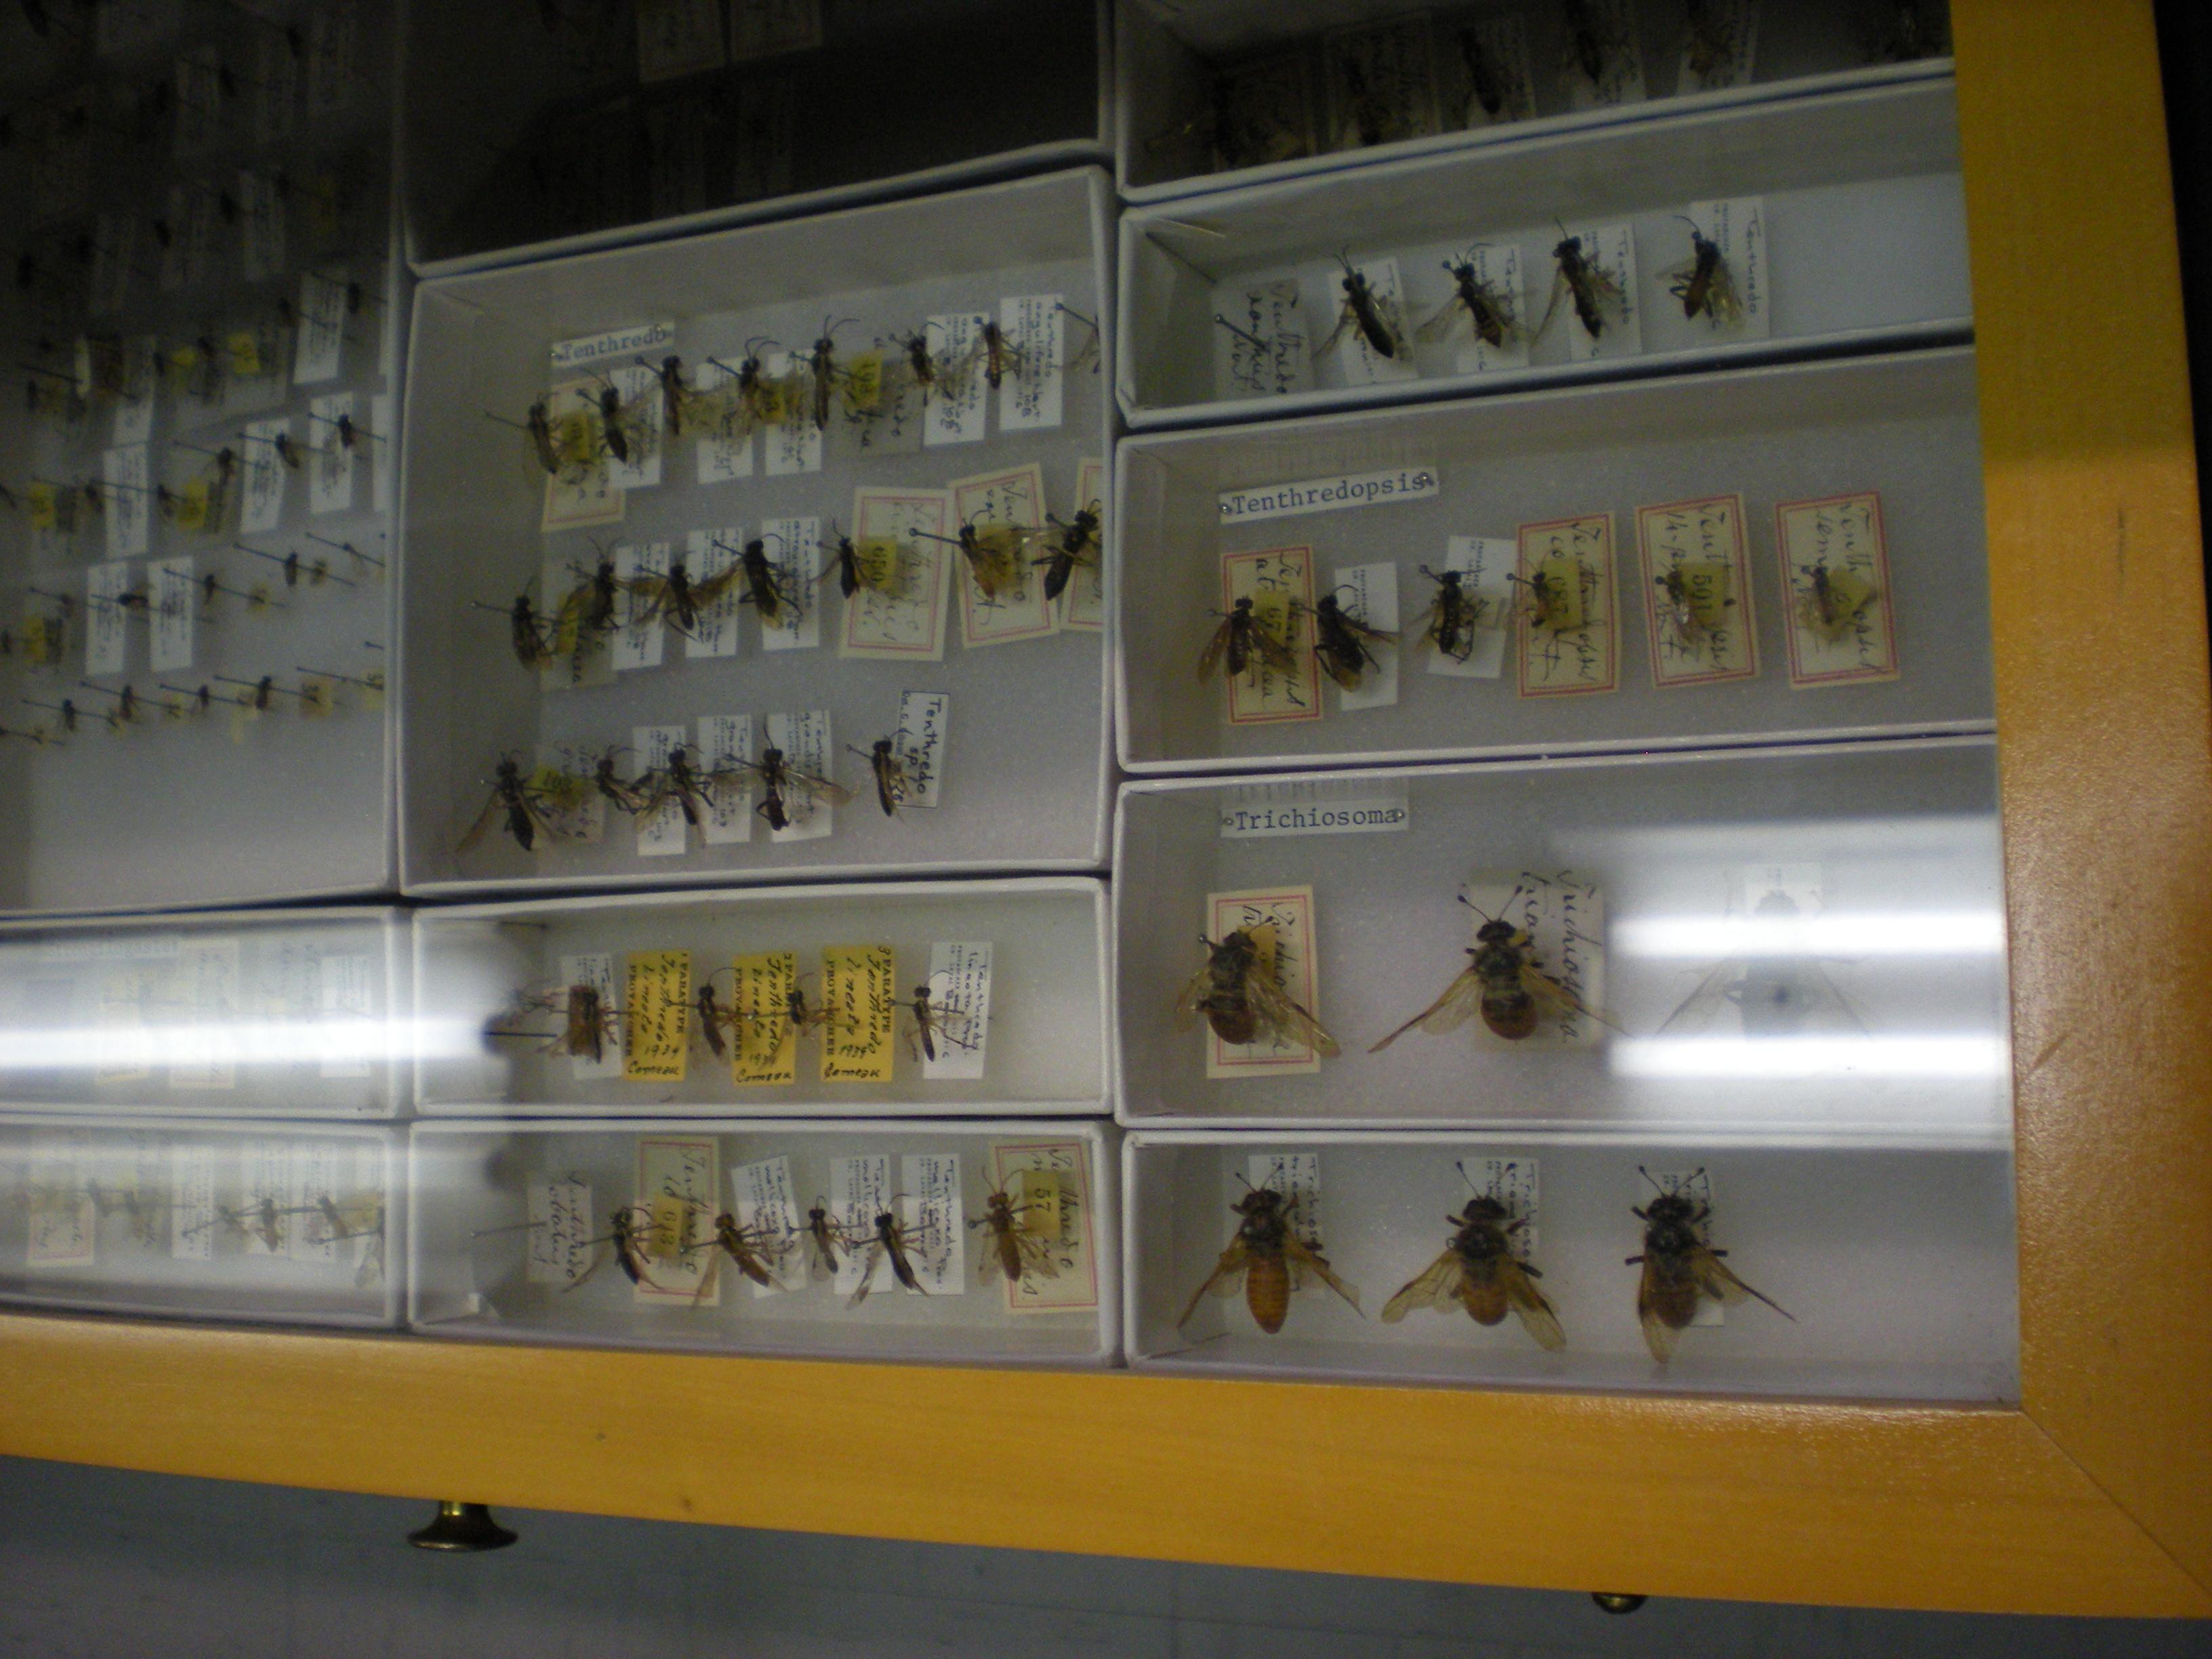 Collection d'insectes à la collection Léon-Provancher, Université Laval